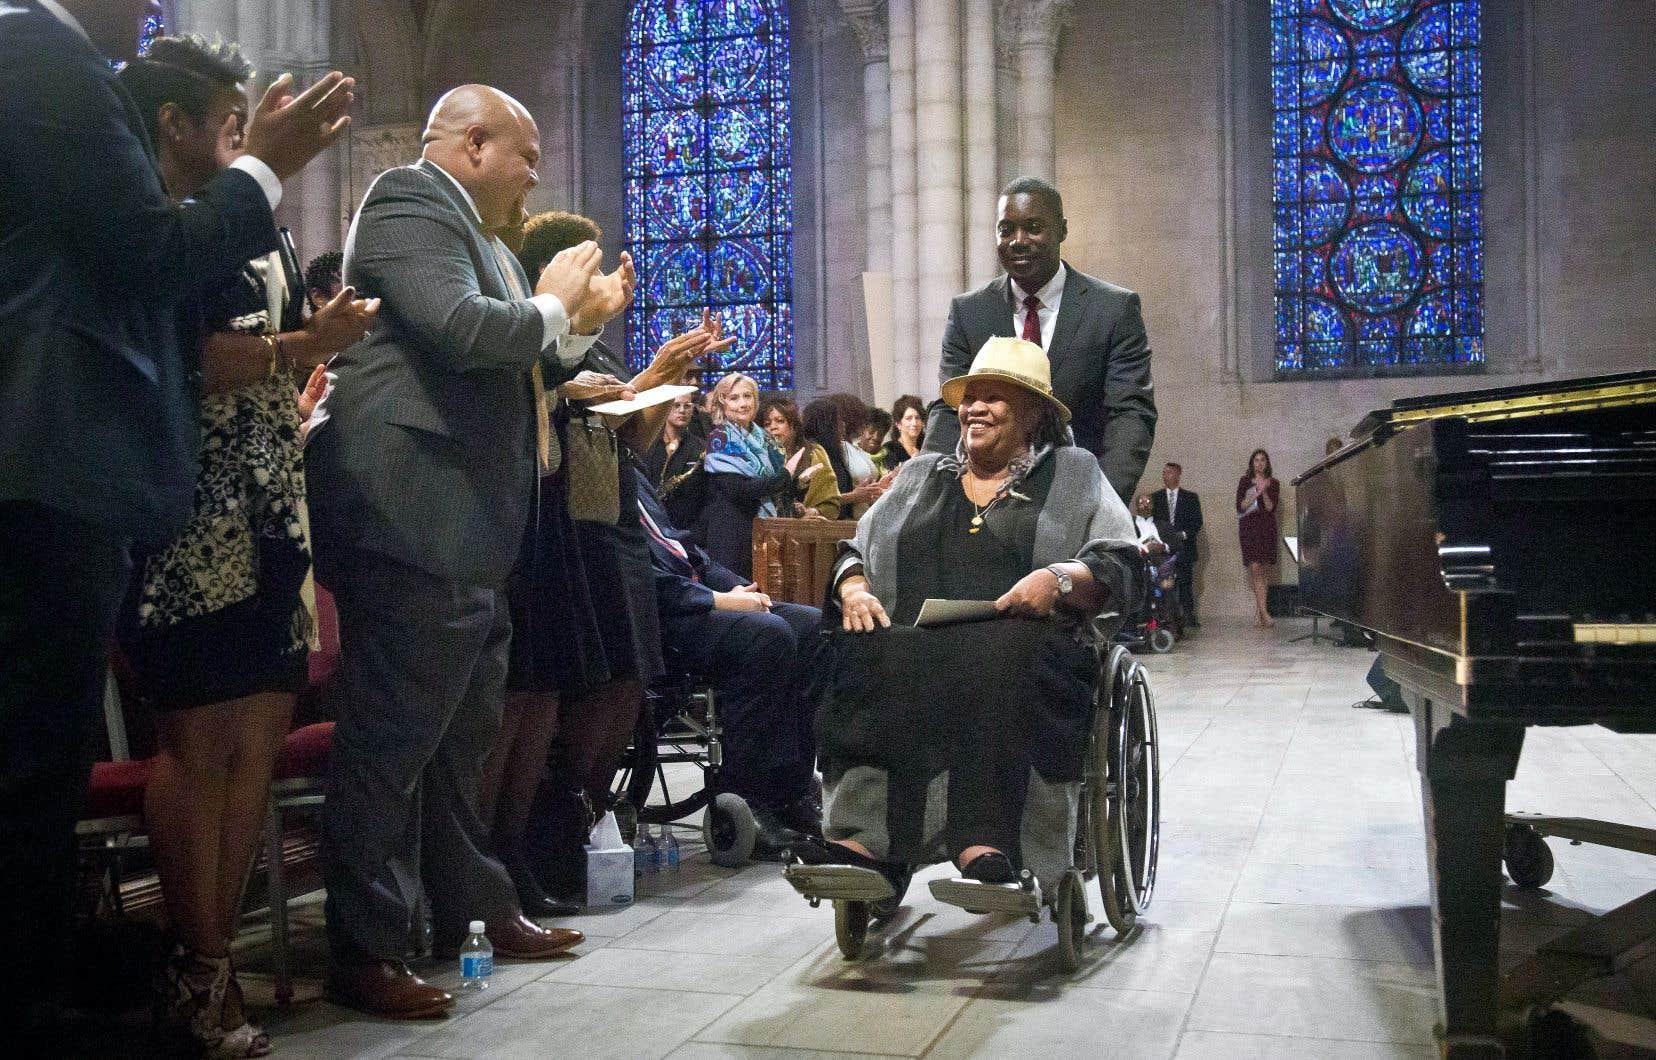 Toni Morrison est applaudie après avoir rendu hommage à l'auteure Maya Angelou à ses funérailles célébrées dans une église de Manhattan en septembre 2014.